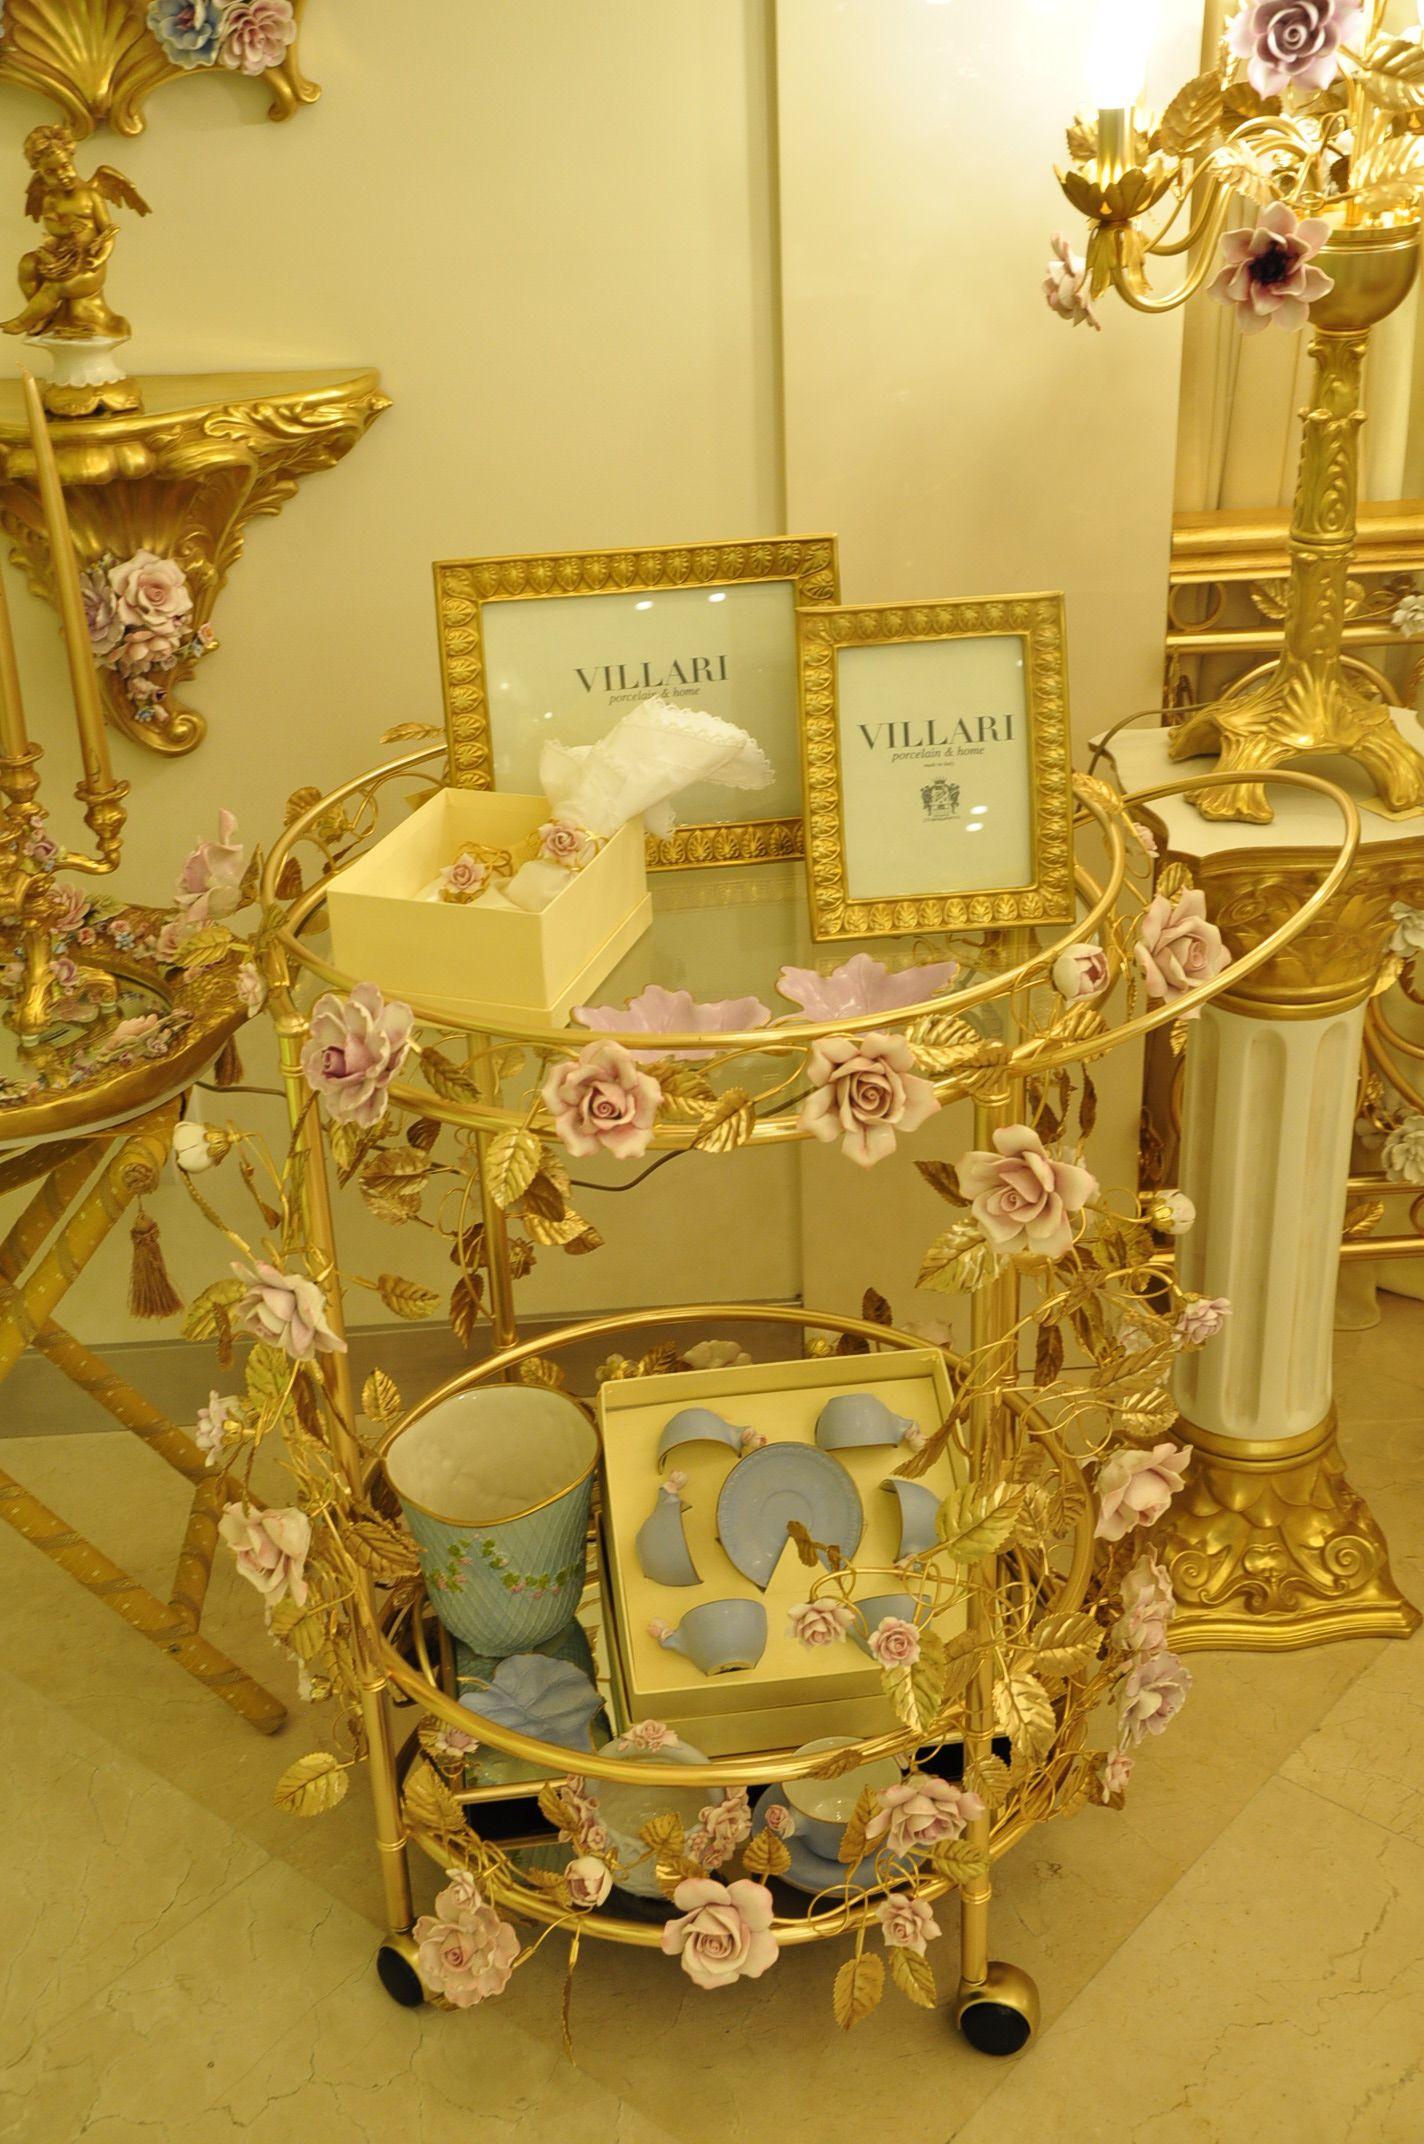 Villari boutique in dubai at dubai mall villari for Dubai boutique